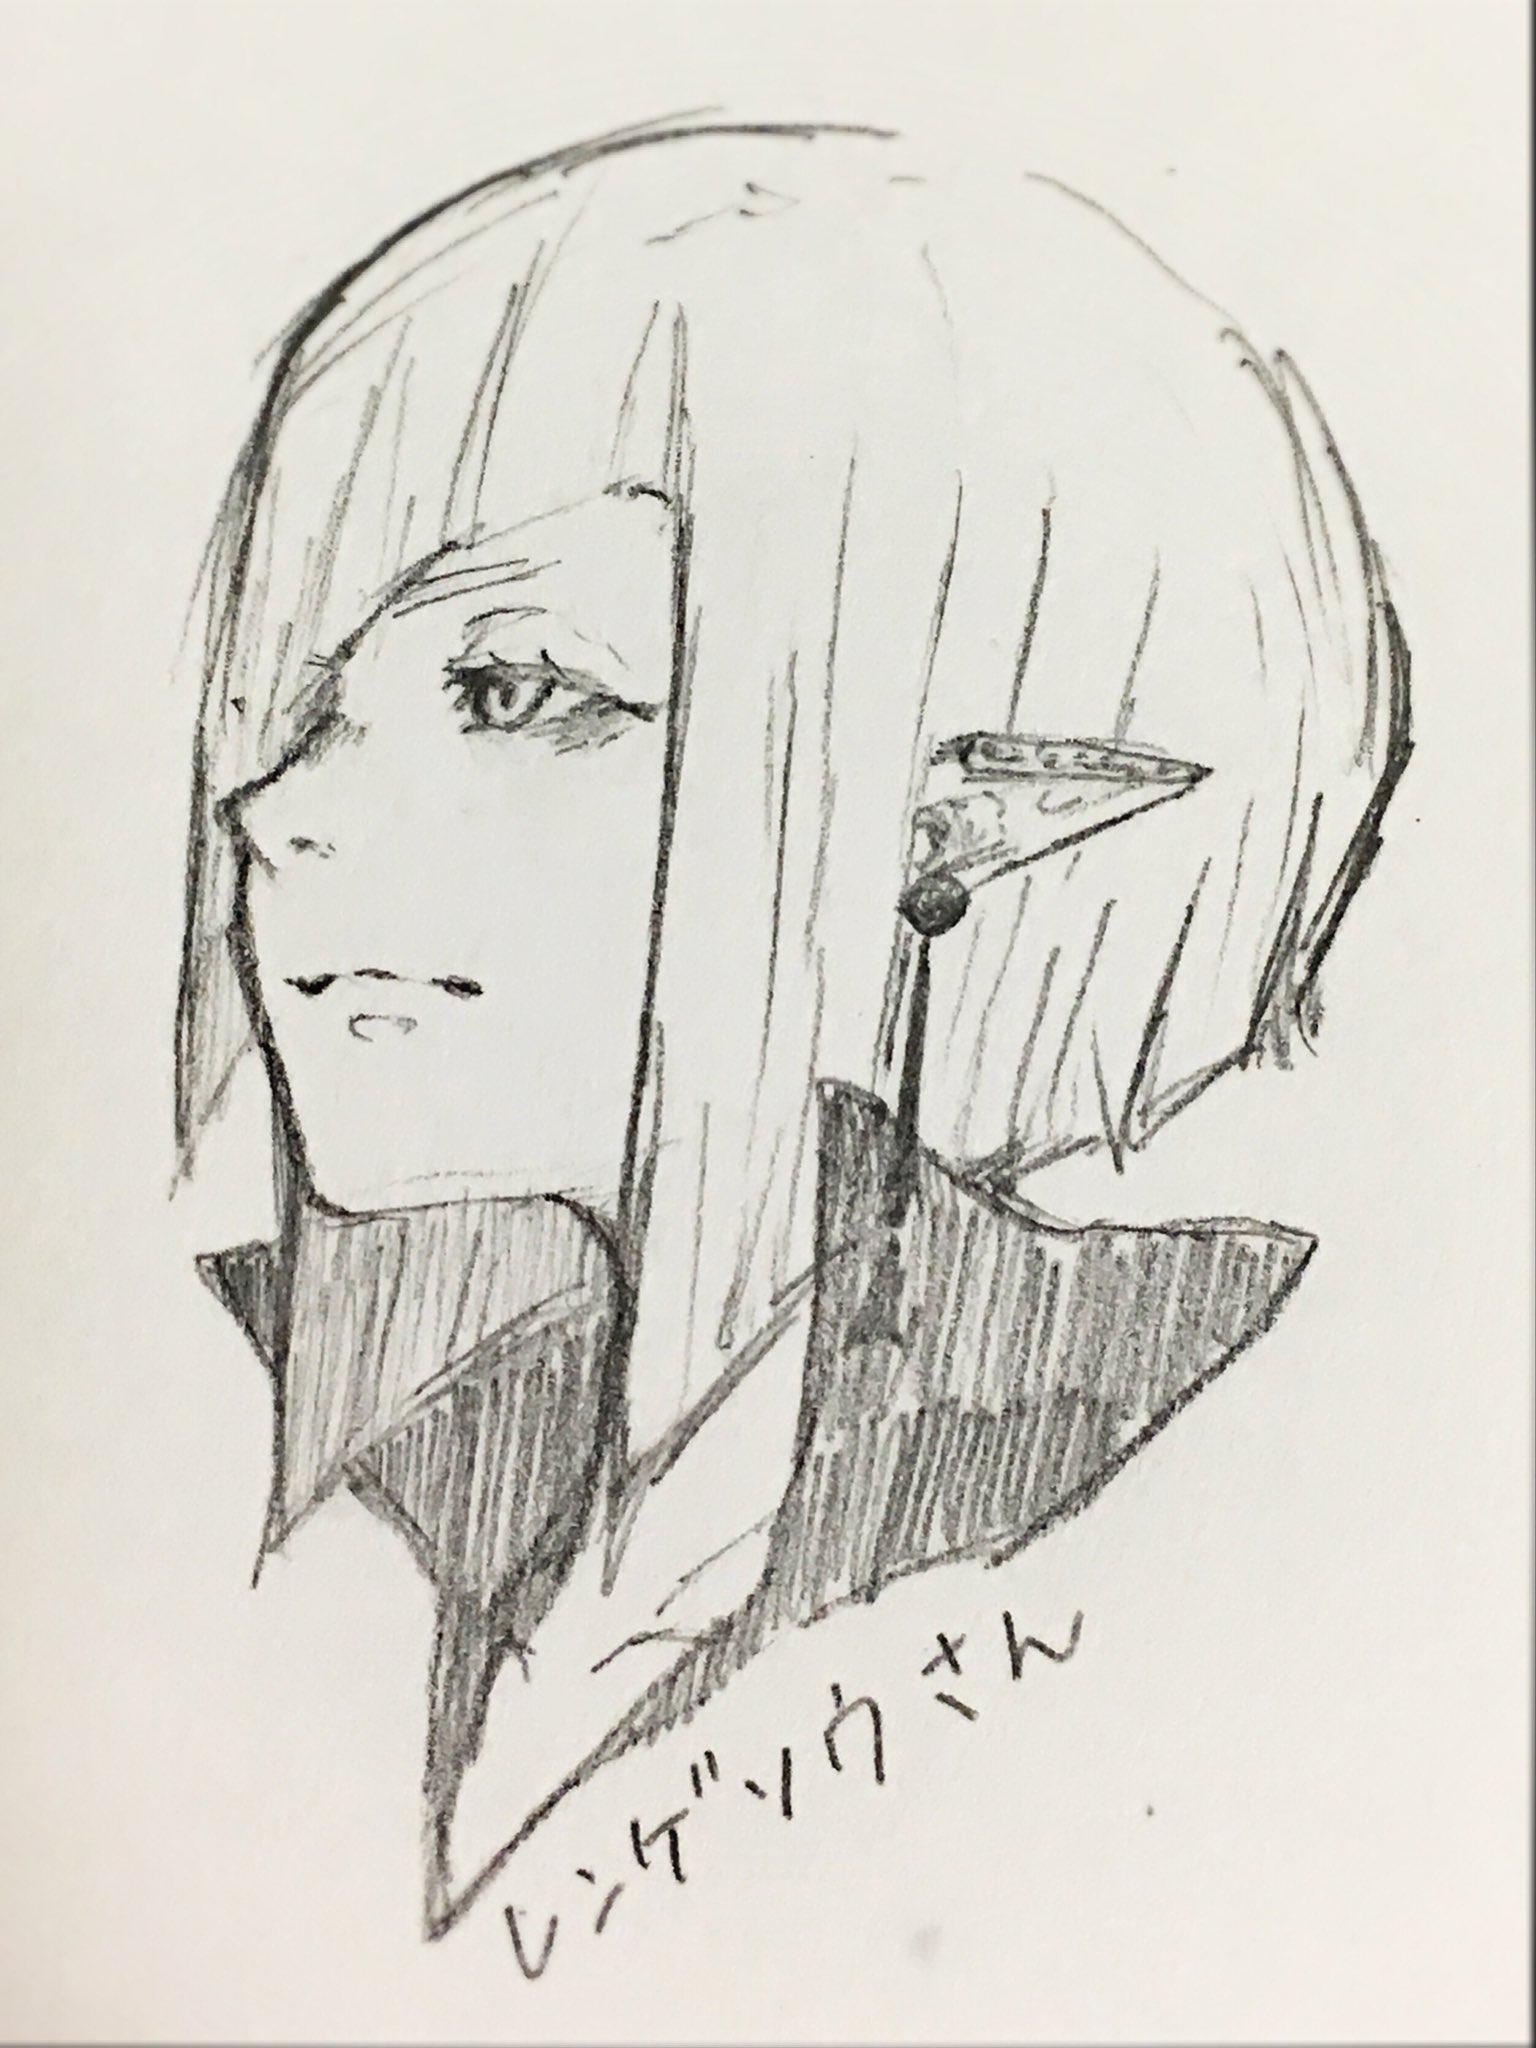 *Scott's sister Sketches